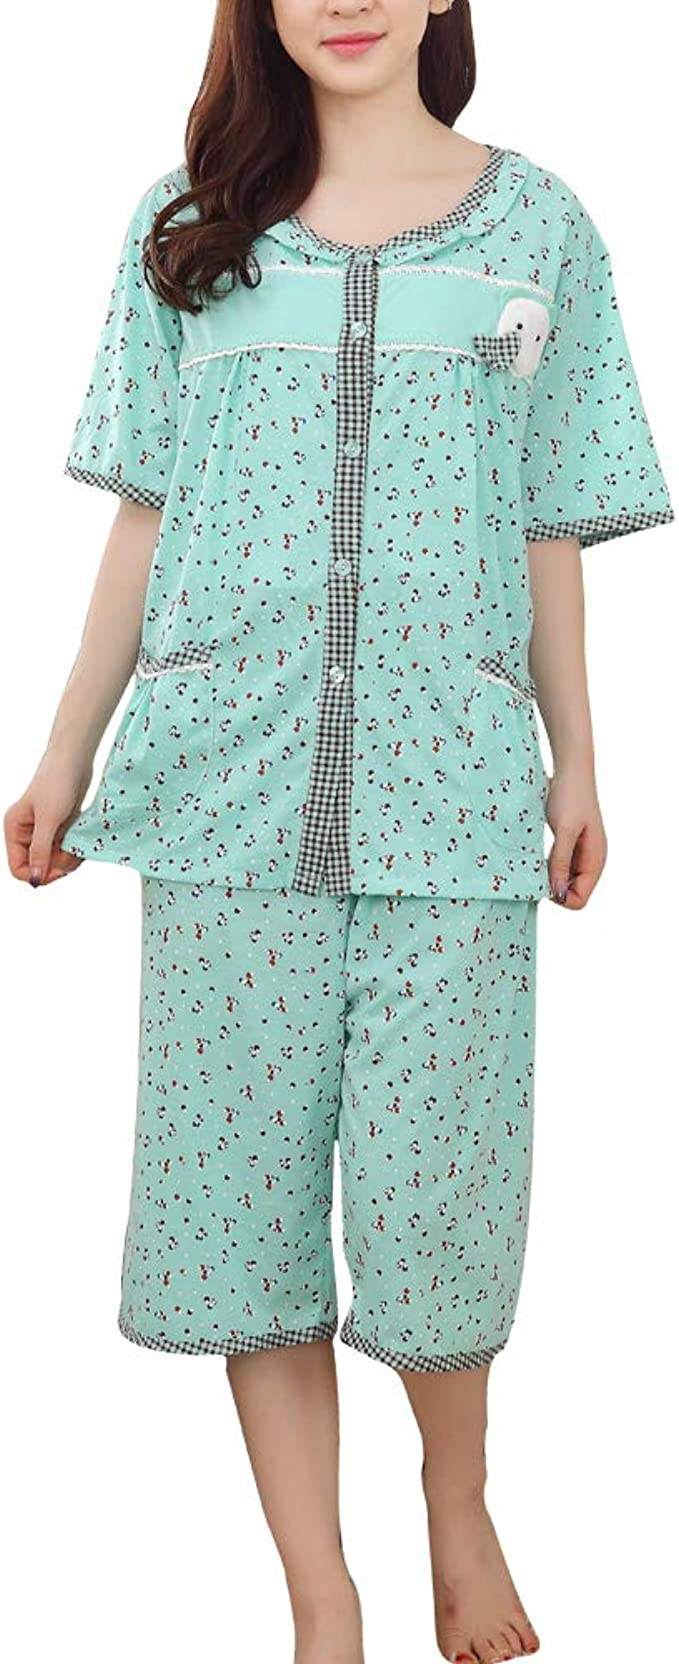 Conjunto de Pijamas de Verano para Mujer Camisa Extragrande Pantalones Capri Lounge: Amazon.es: Ropa y accesorios